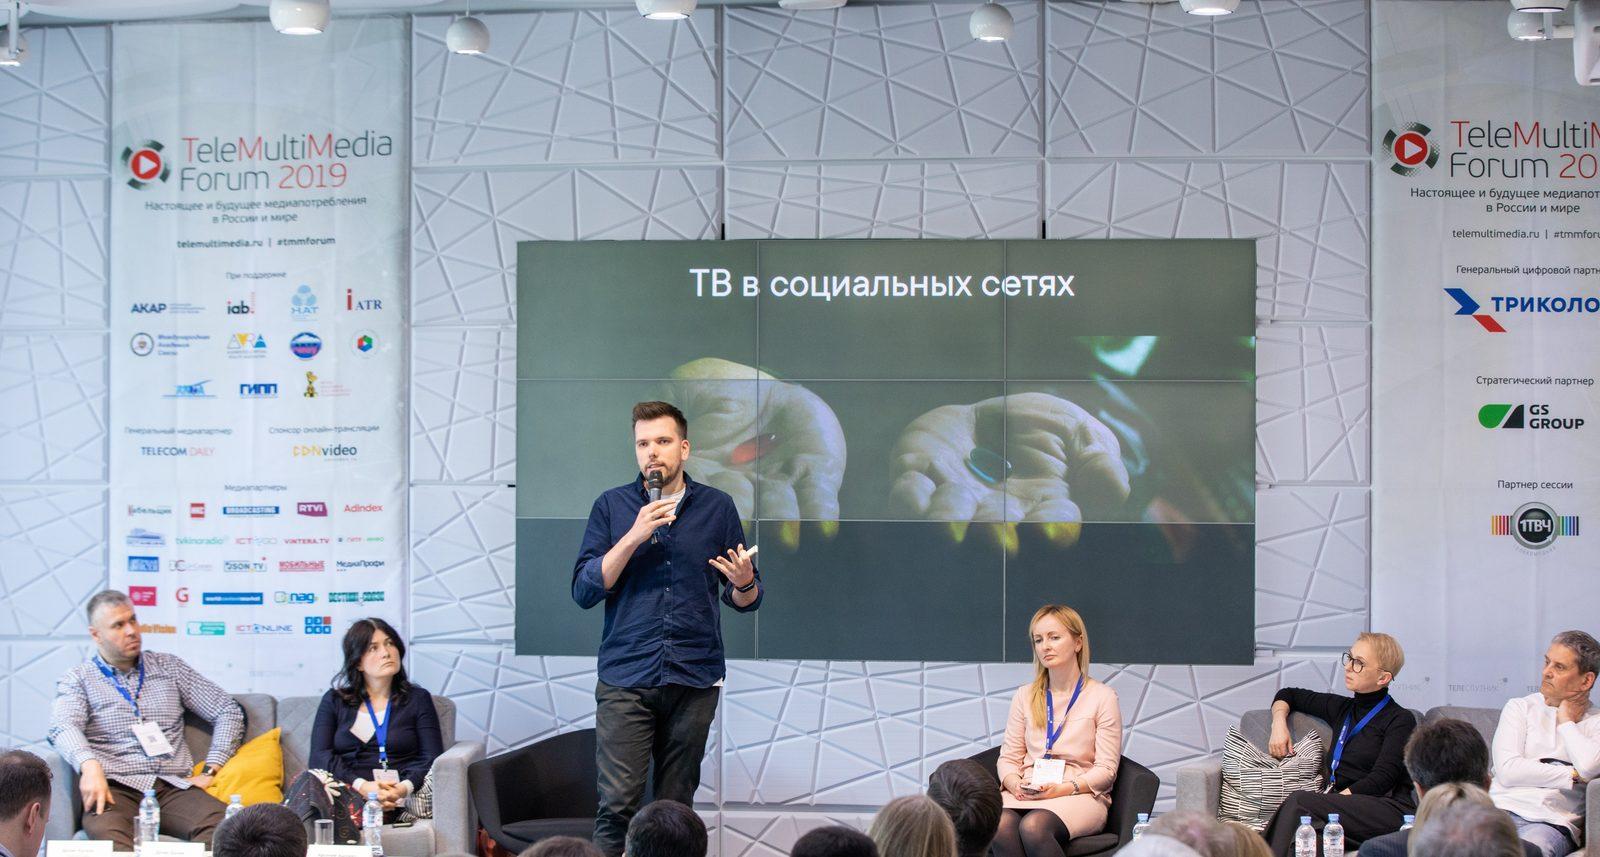 Эксперты TeleMultiMedia Forum обсудят будущее индустрии ТВ, медиа и телекома